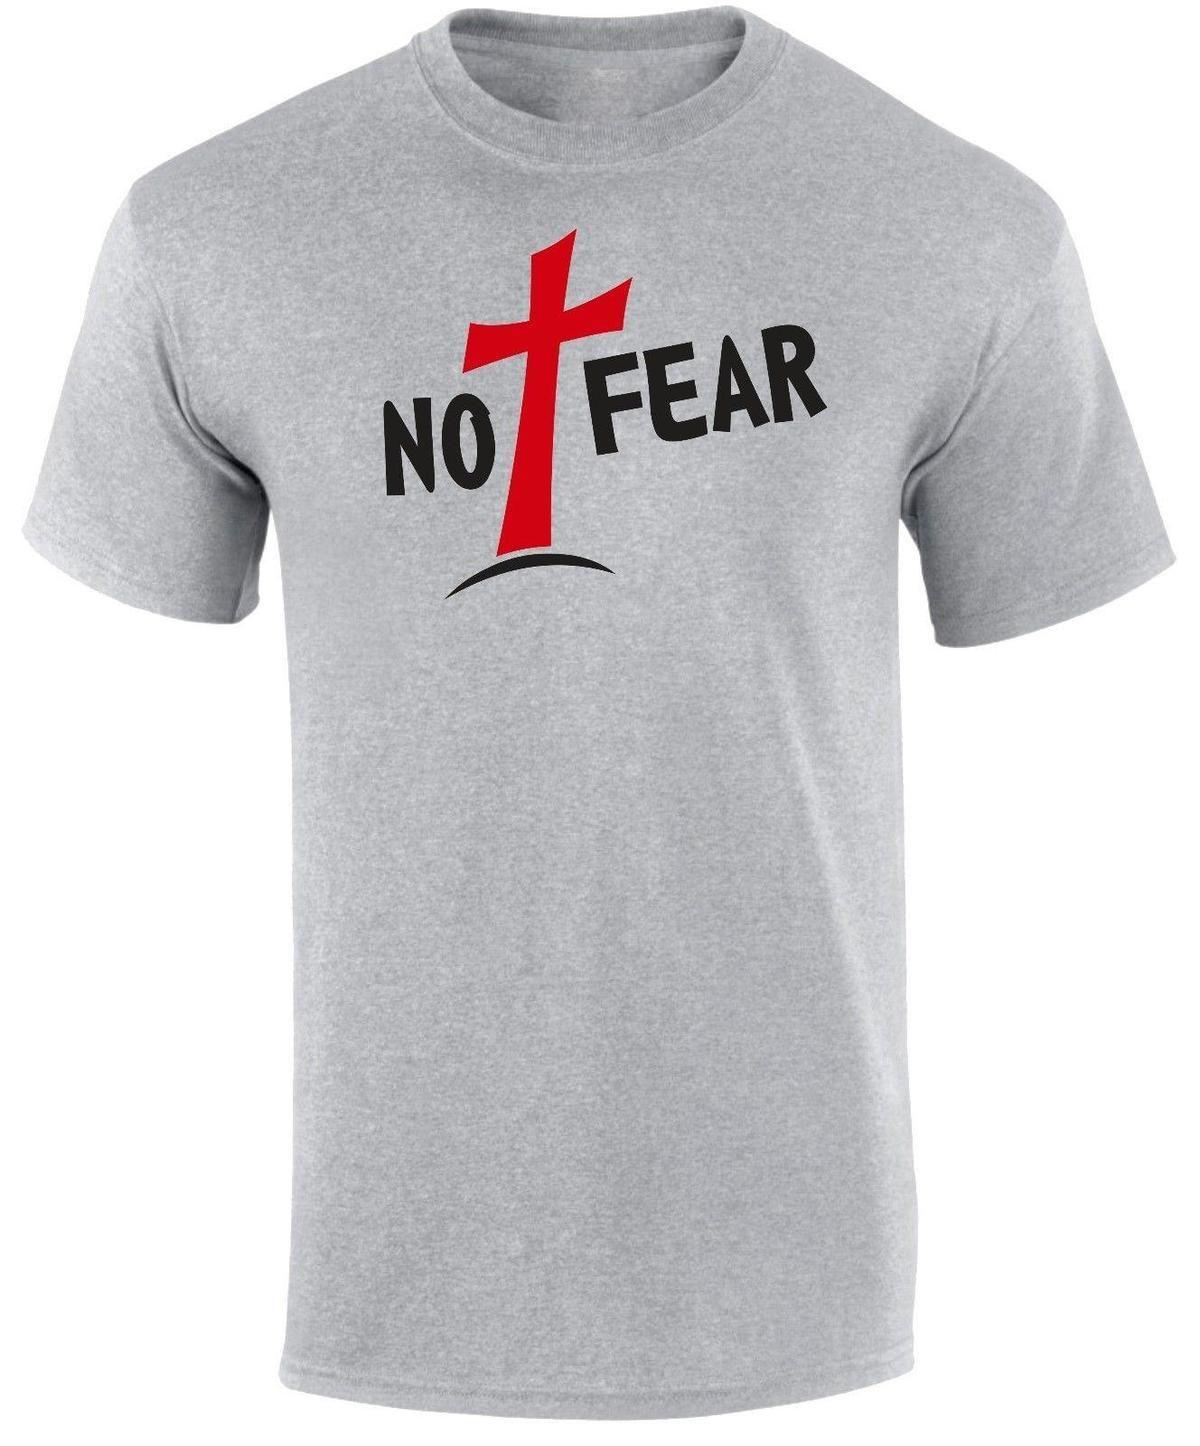 4bb5af63a Compre La Camiseta De Los Hombres De La Fe Religiosa De Pascua De La Cruz  Roja De Jesucristo Del Miedo No Jesucristo A $12.08 Del Lijian01 |  DHgate.Com